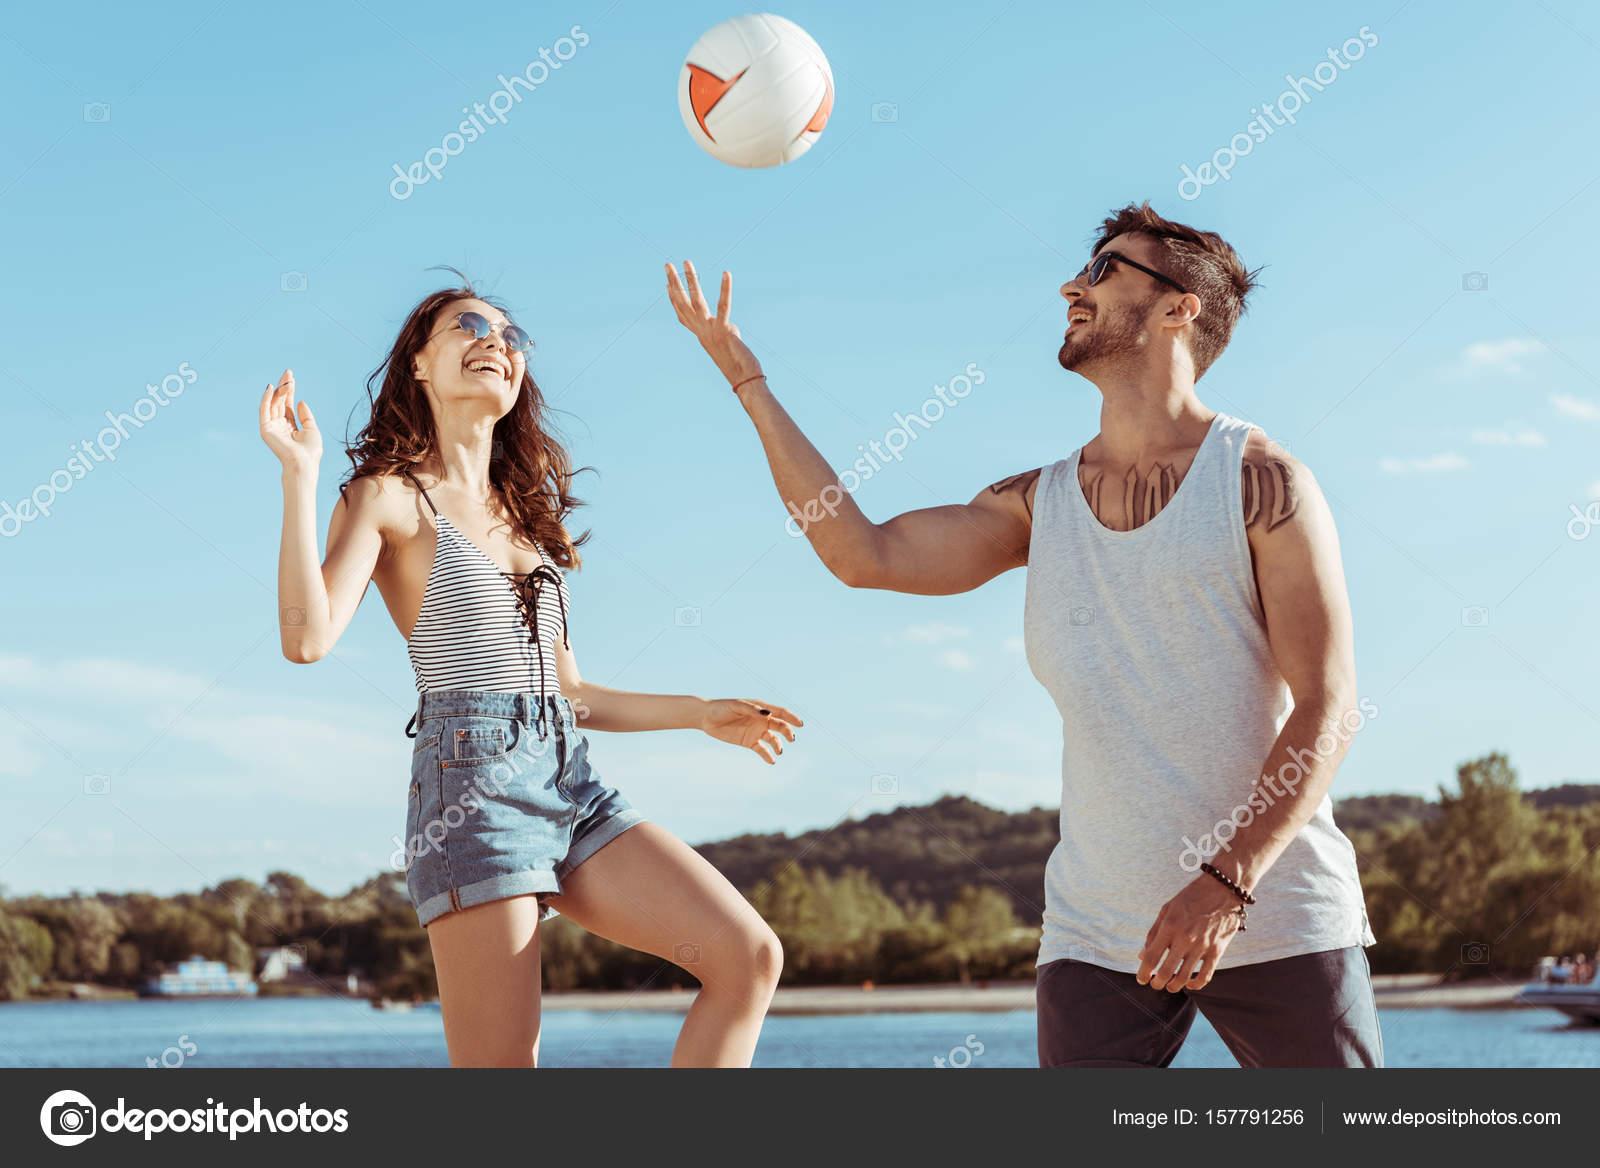 Parejas Jugando Voleibol Pareja Jugando Voleibol Juntos Foto De